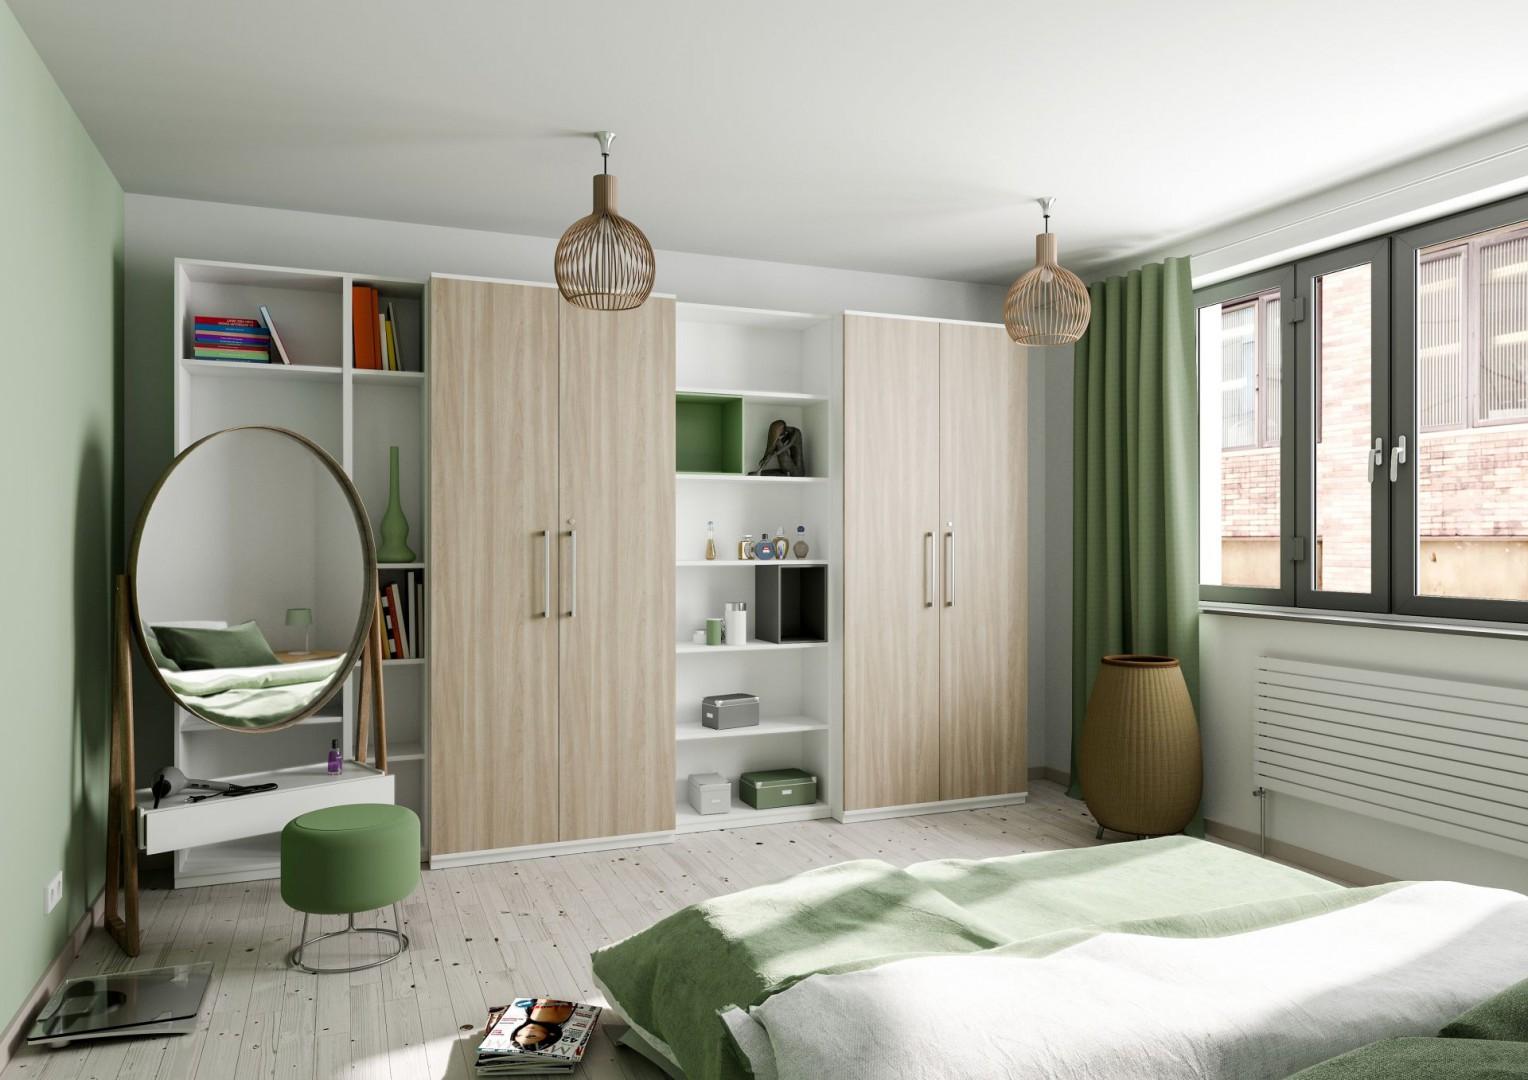 Meble wykończone dekorem Ravello prezentują się ciepło i naturalnie. Fot. Interprint